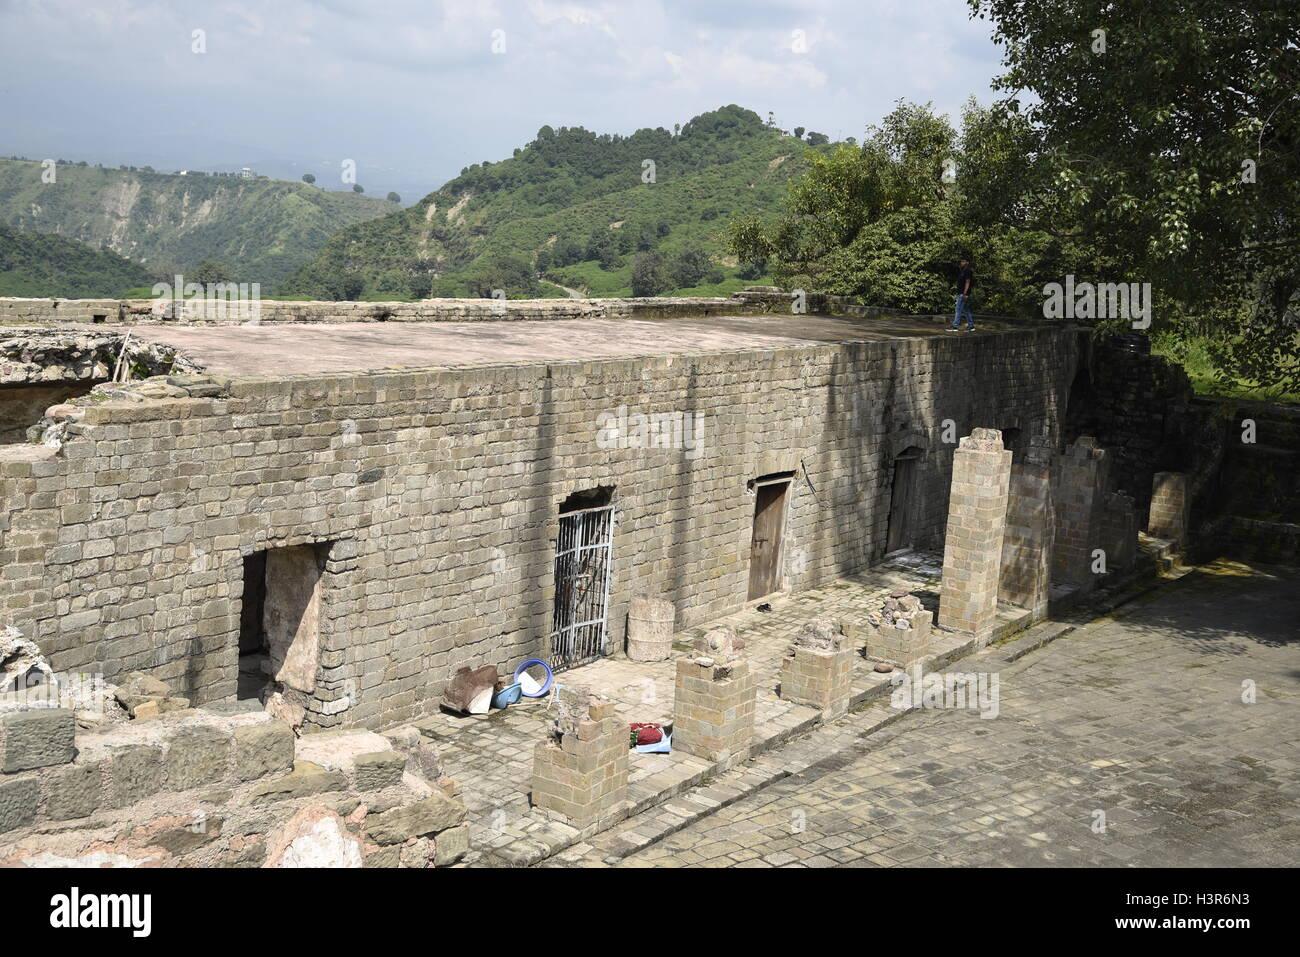 La arquitectura histórica Kangra Fort está situado a 20 kilómetros de la ciudad de Dharamsala, en las afueras de Kangra, India. Foto de stock